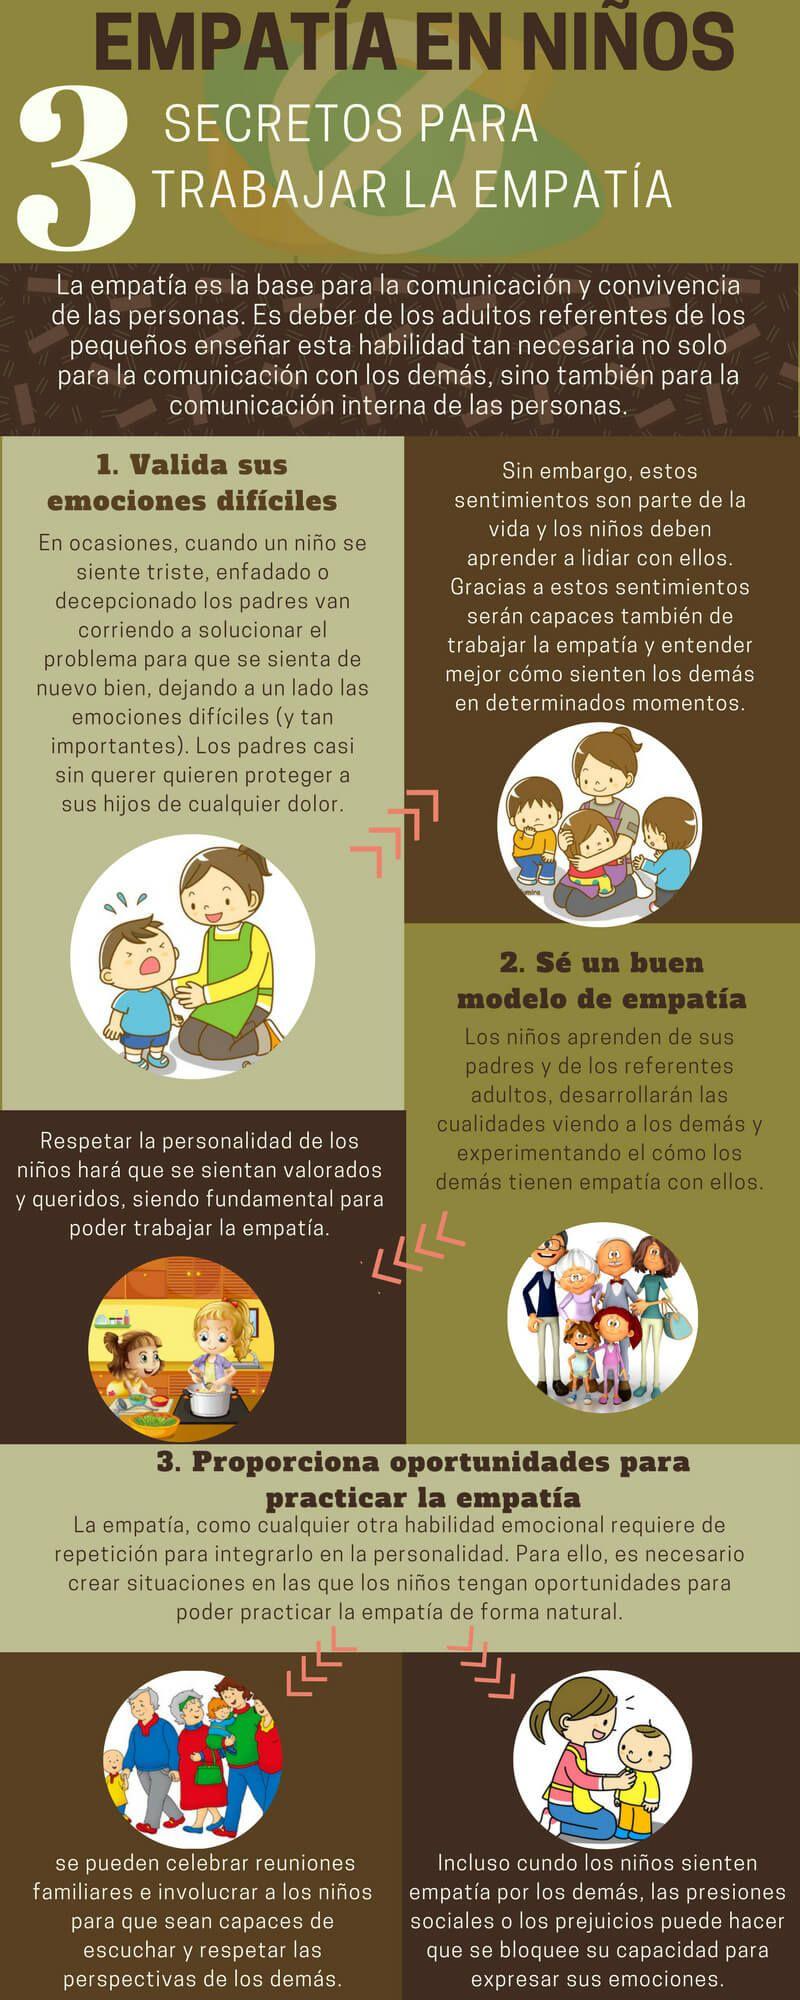 21 Ideas De Empatía En Niños Empatia Niños Educacion Emocional